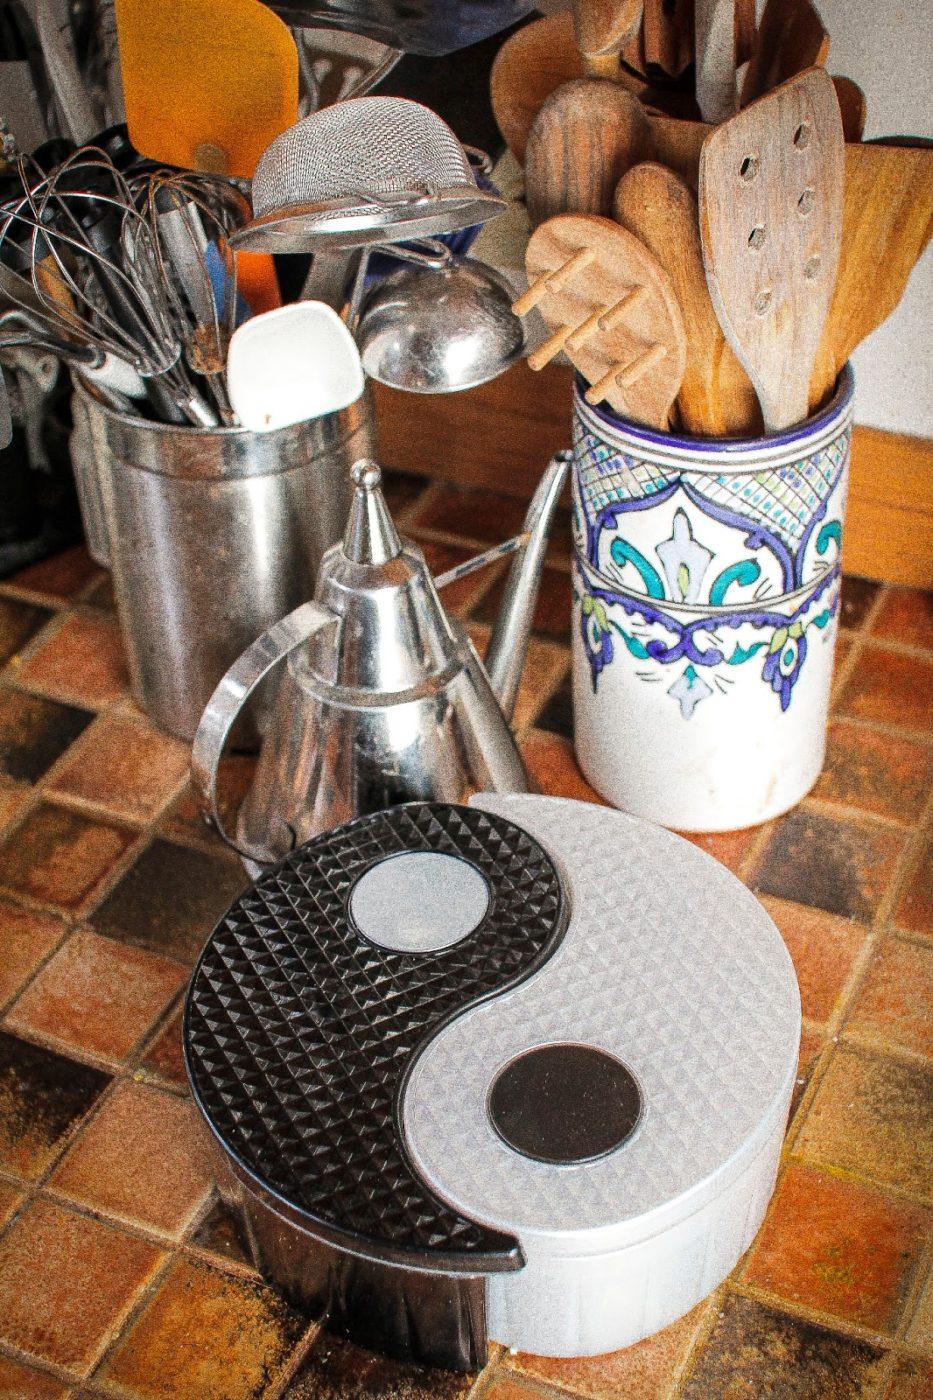 GitaDini Yin Yang Storage Bin on a kitchen counter